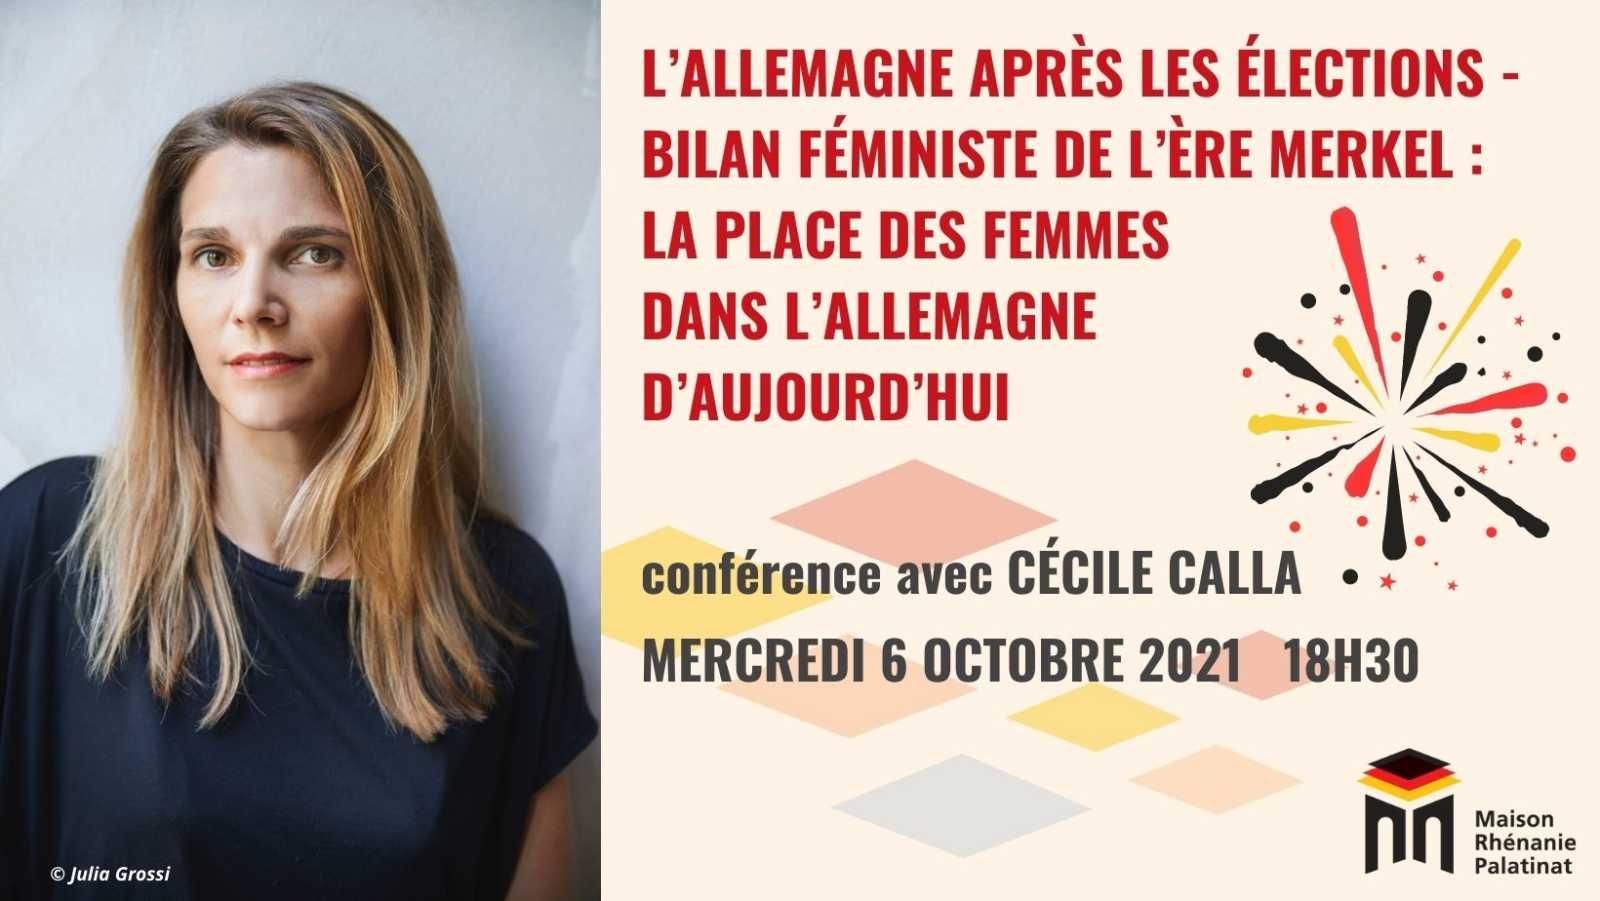 Mercredi 6 octobre 2021 à 18h30 : Conférence avec Cécile Calla